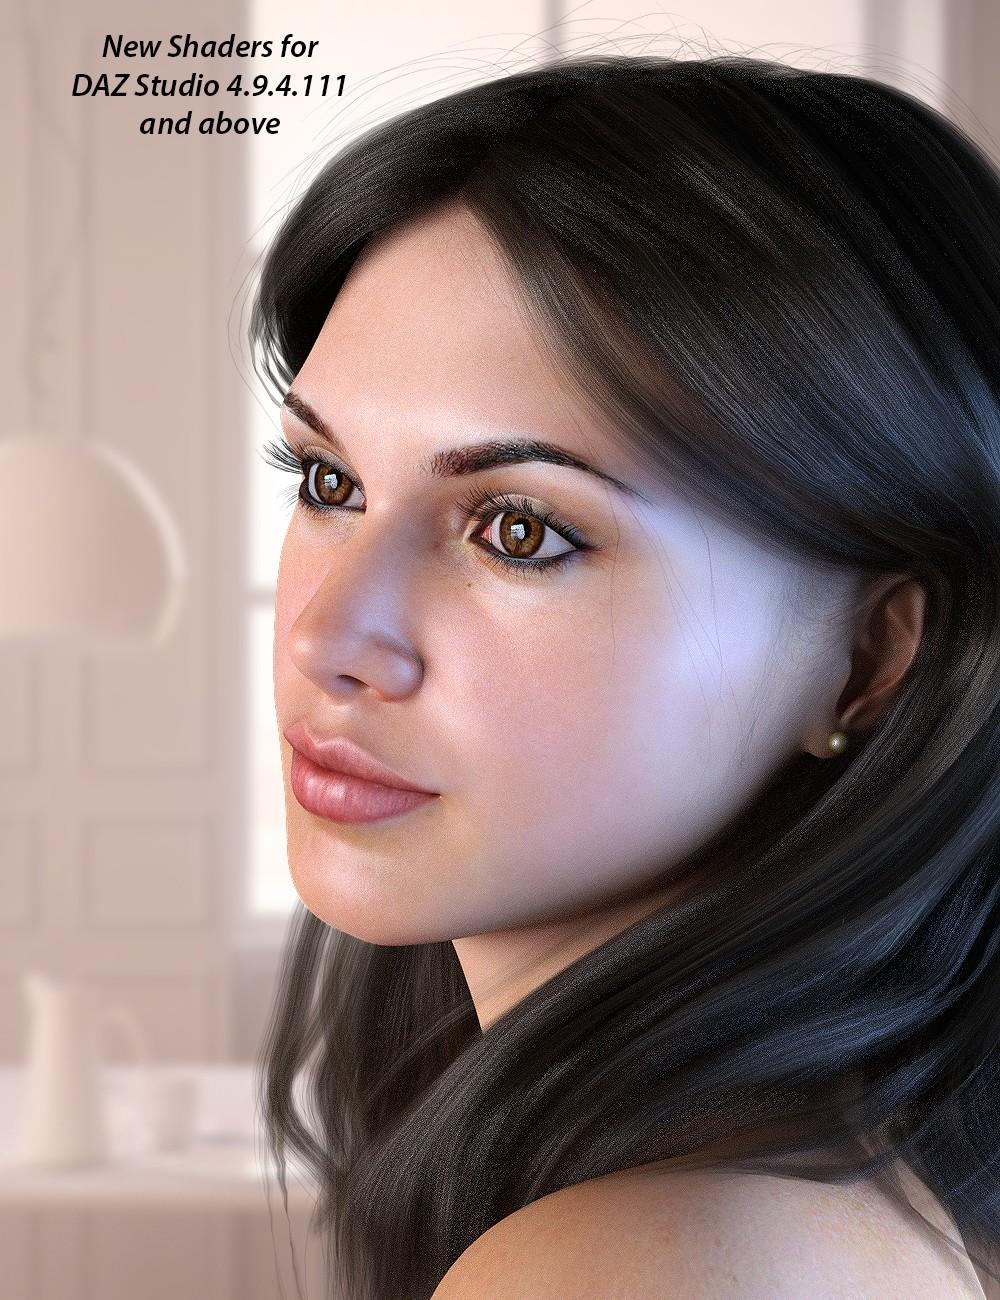 Julia genesis